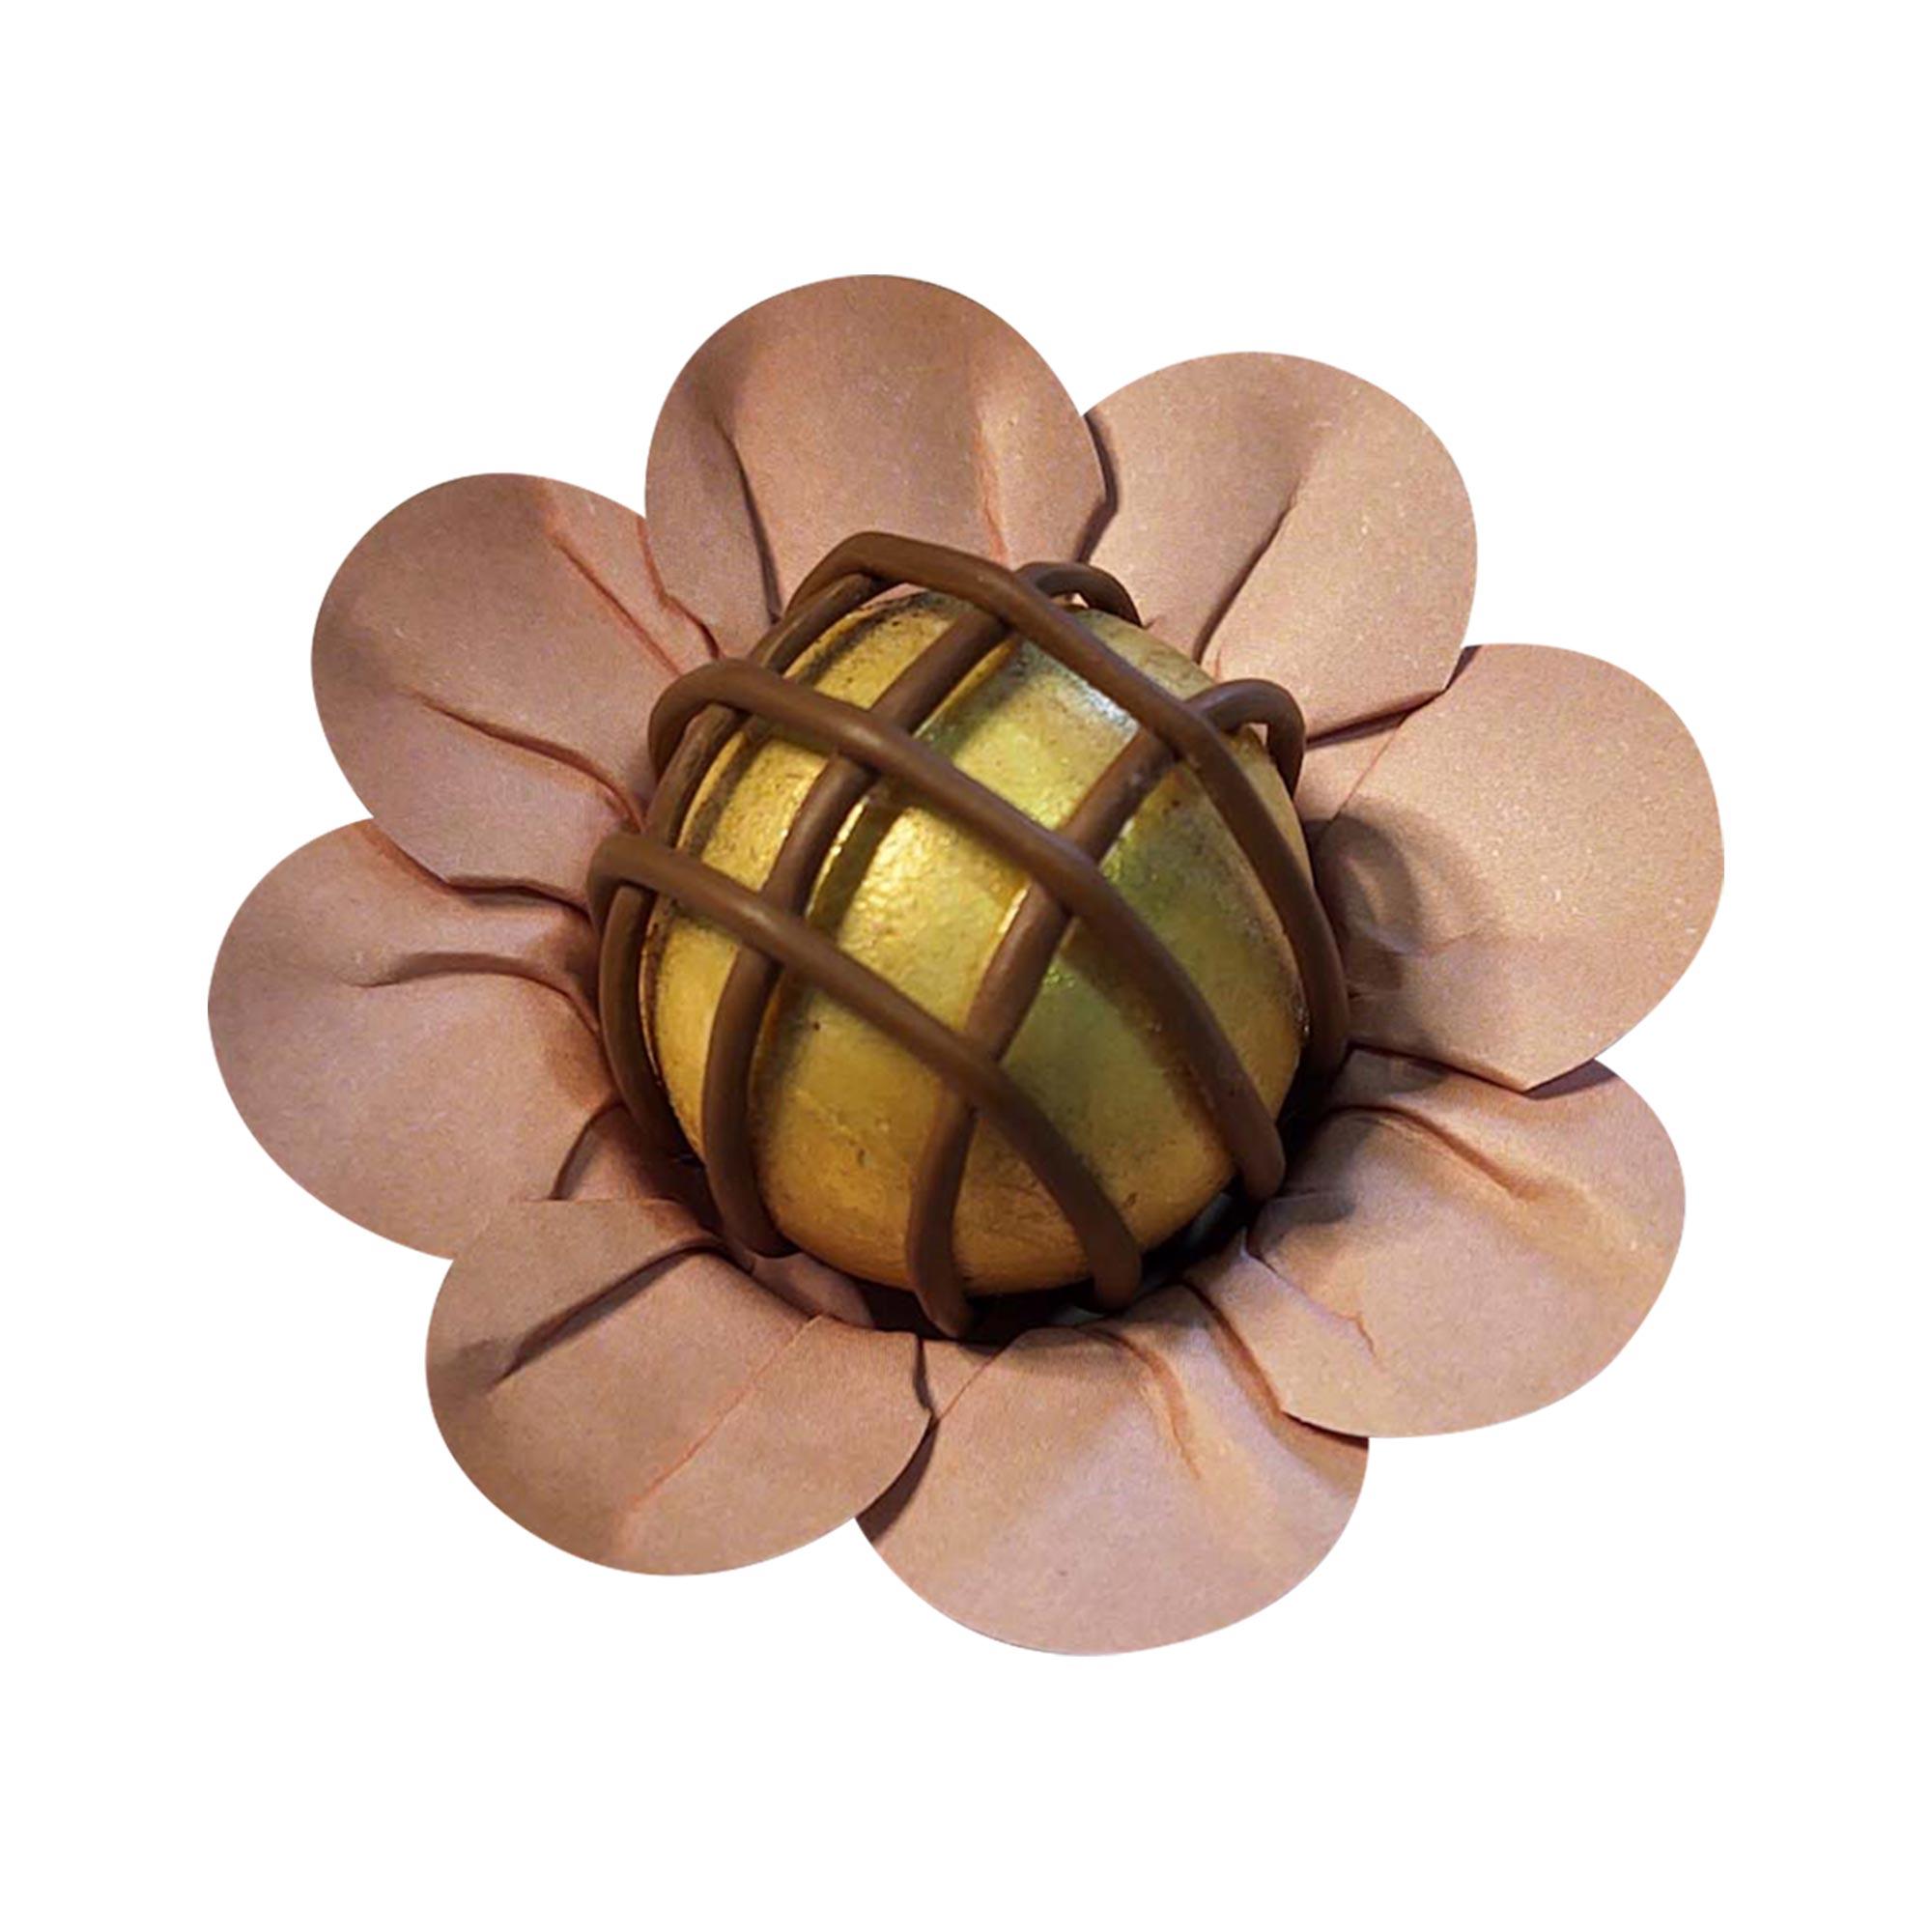 Forminha para Doces Margaridinha em Papel Especial Rose Gold Kit 50 Unidades